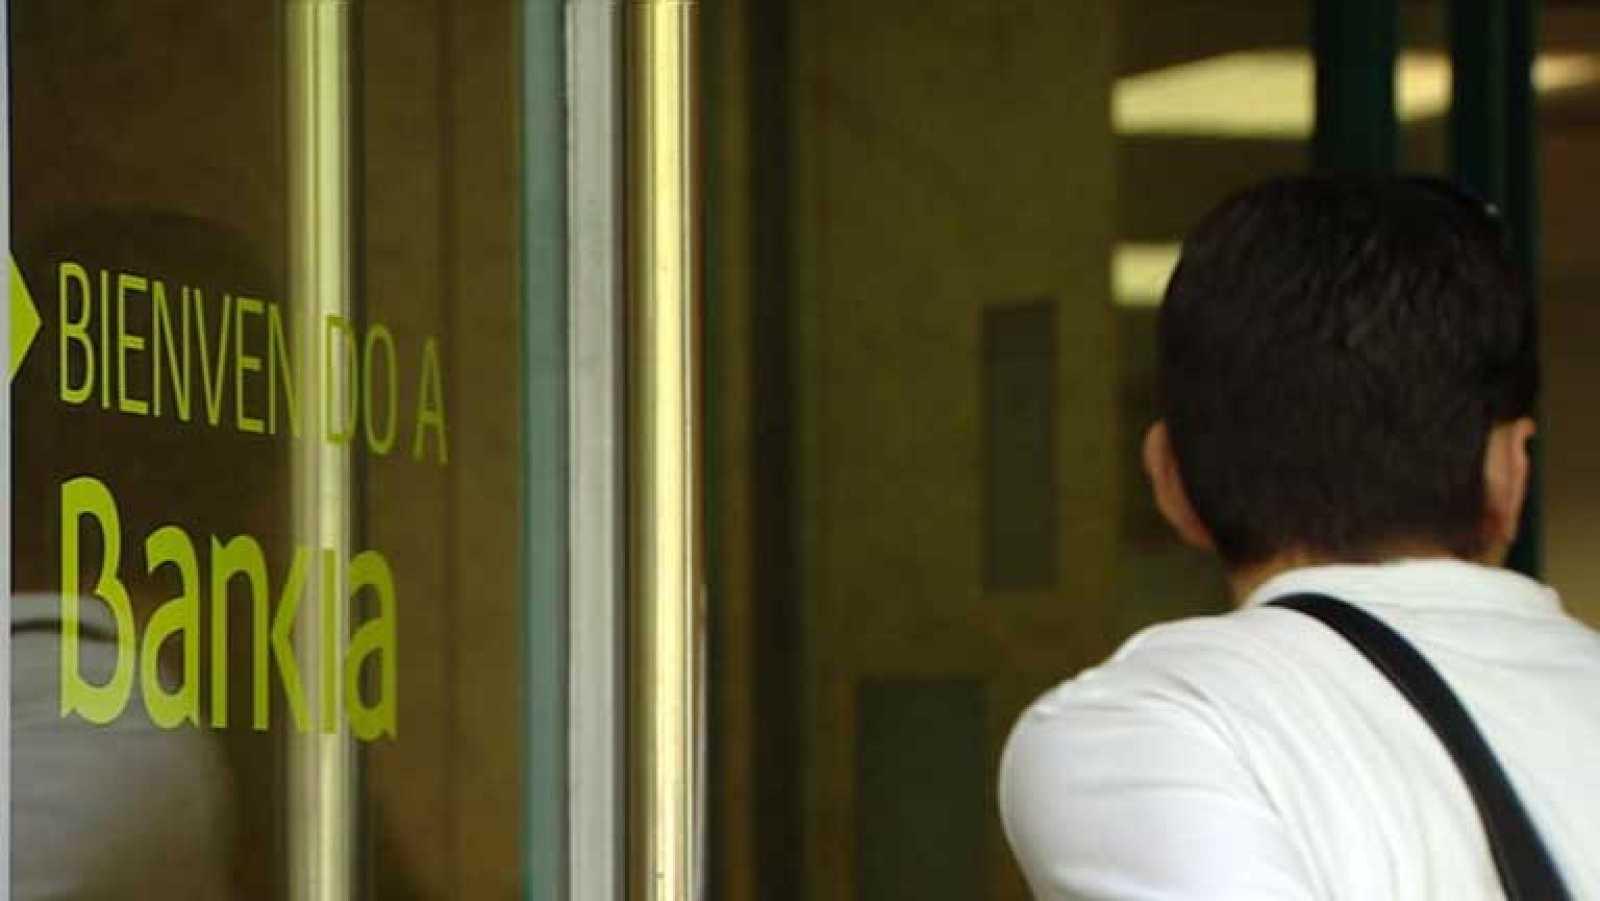 Los clientes de Bankia, preocupados